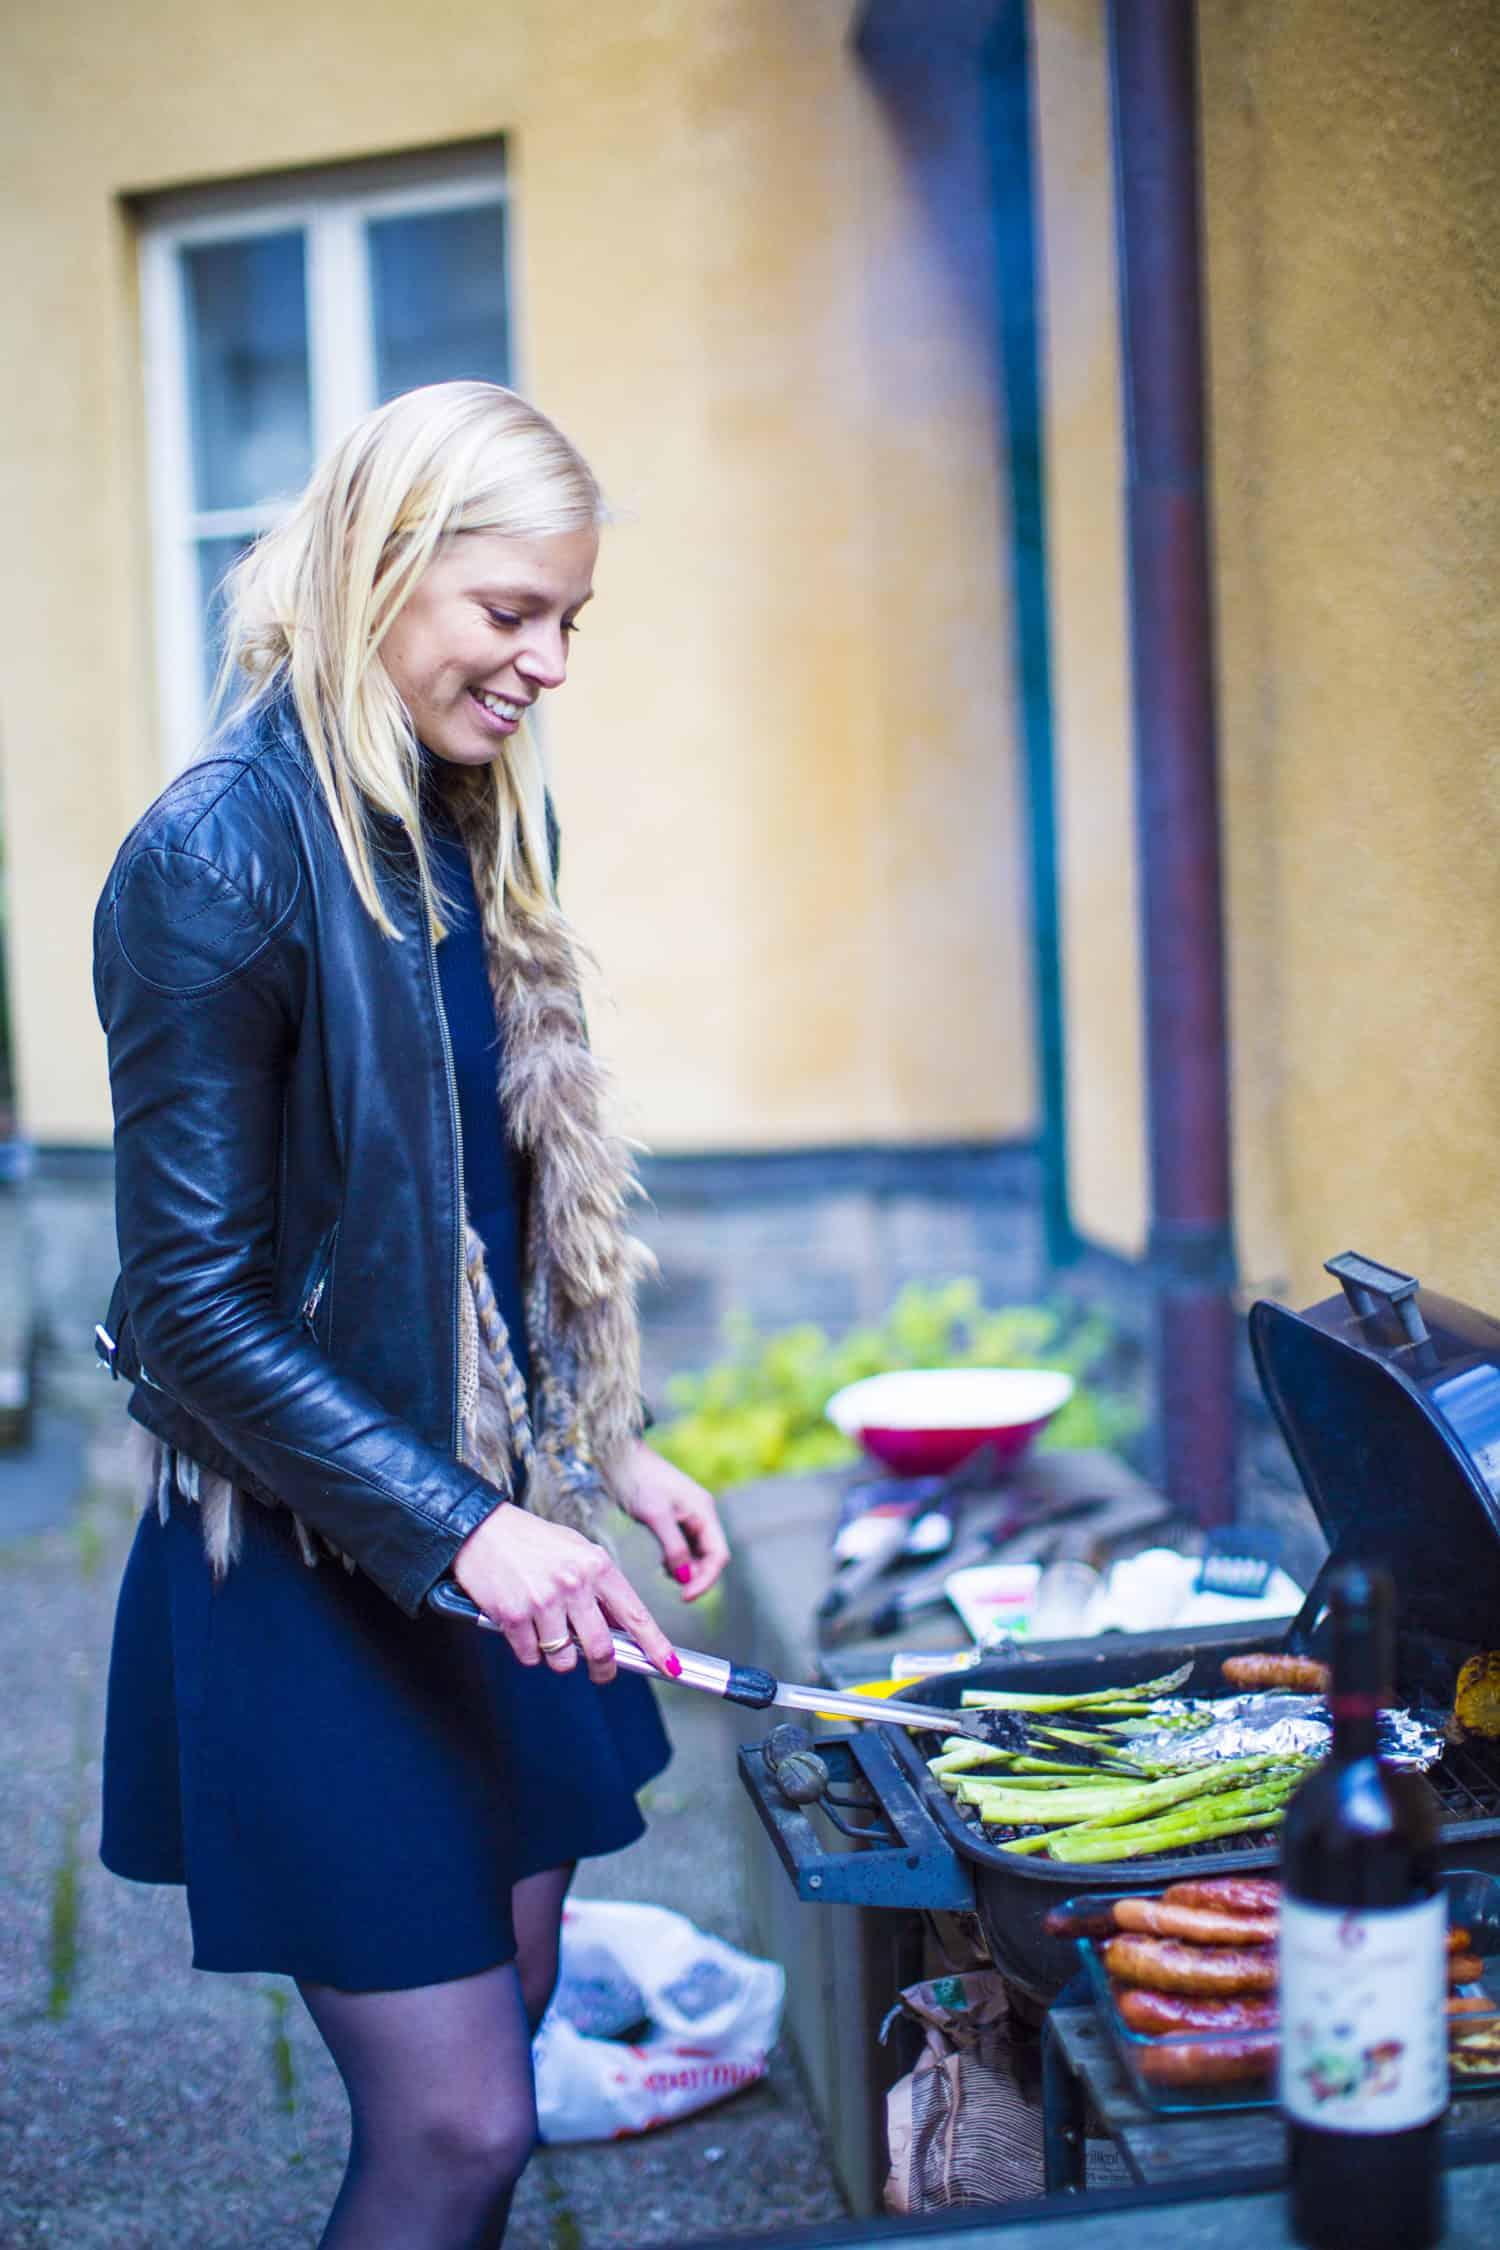 Matcha vin till grillmaten – tips att tänka på!